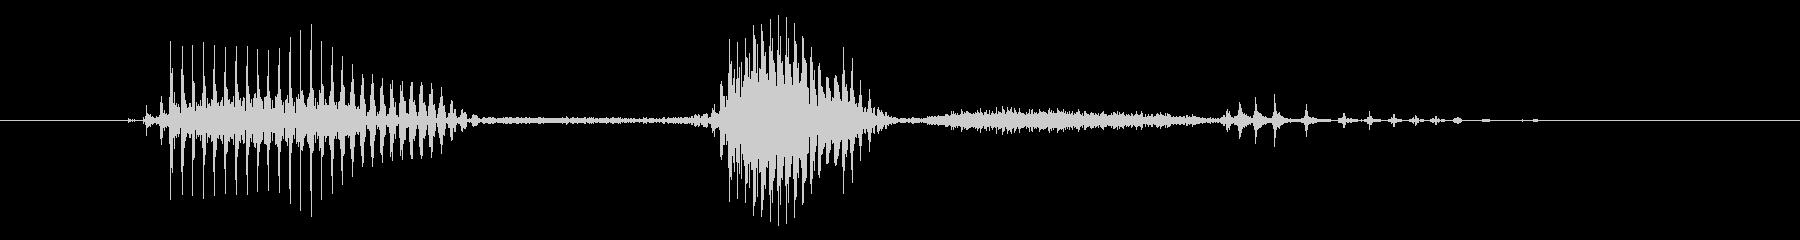 infectionの未再生の波形